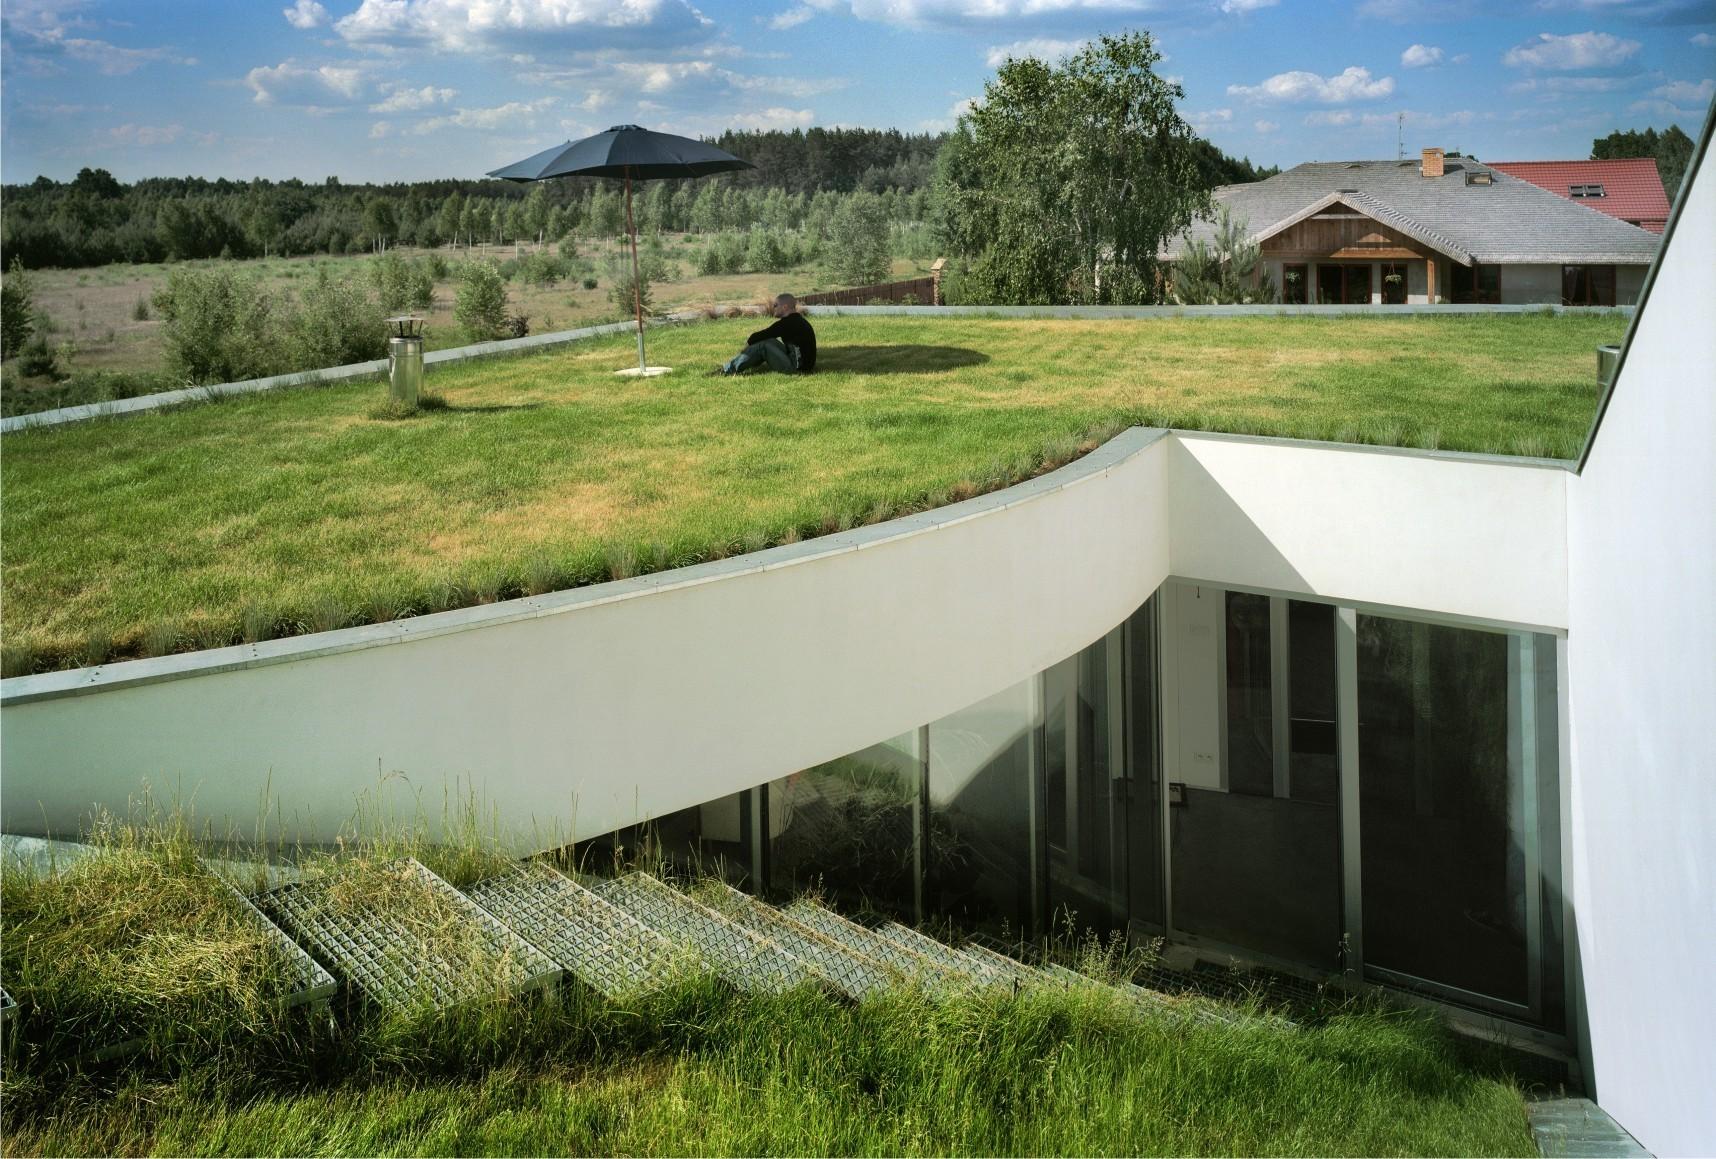 Archivo: Casas con Cubiertas Verdes, © Cortesía de Robert Konieczny KWK Promes